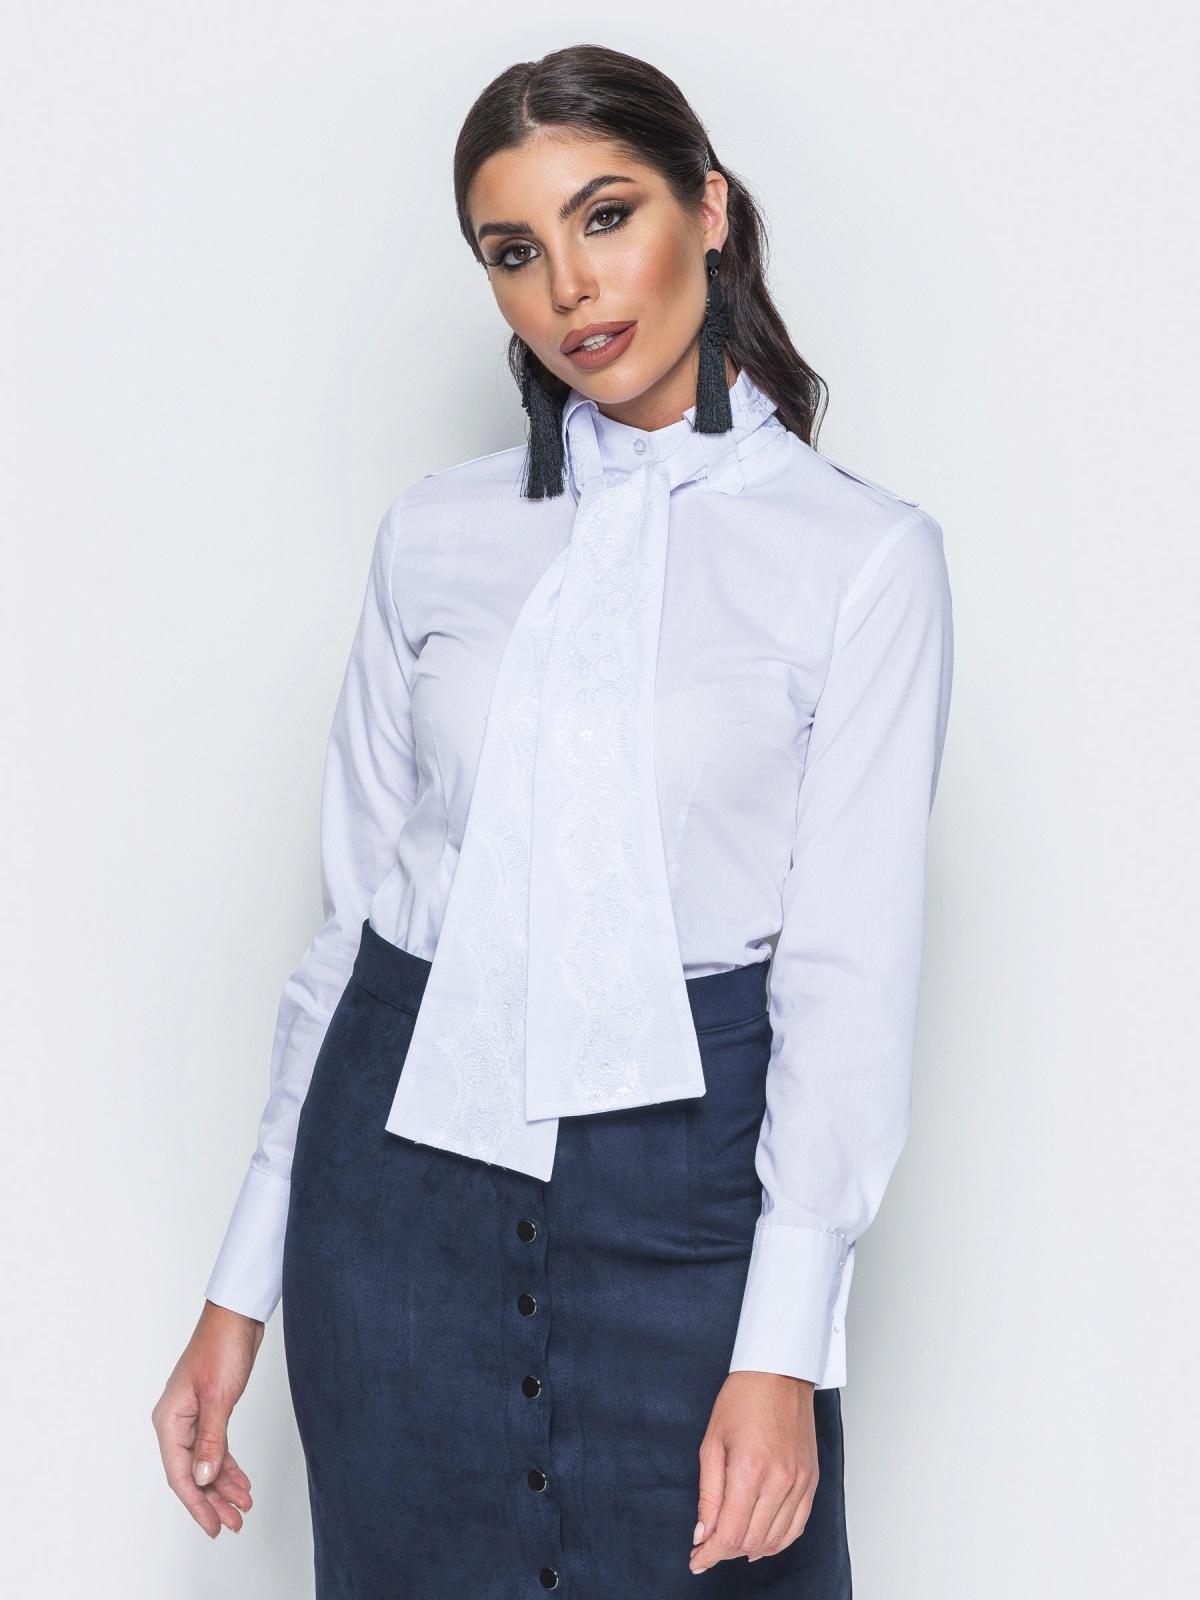 Рубашка с функциональными пуговицами и белым поясом 14562, фото 1